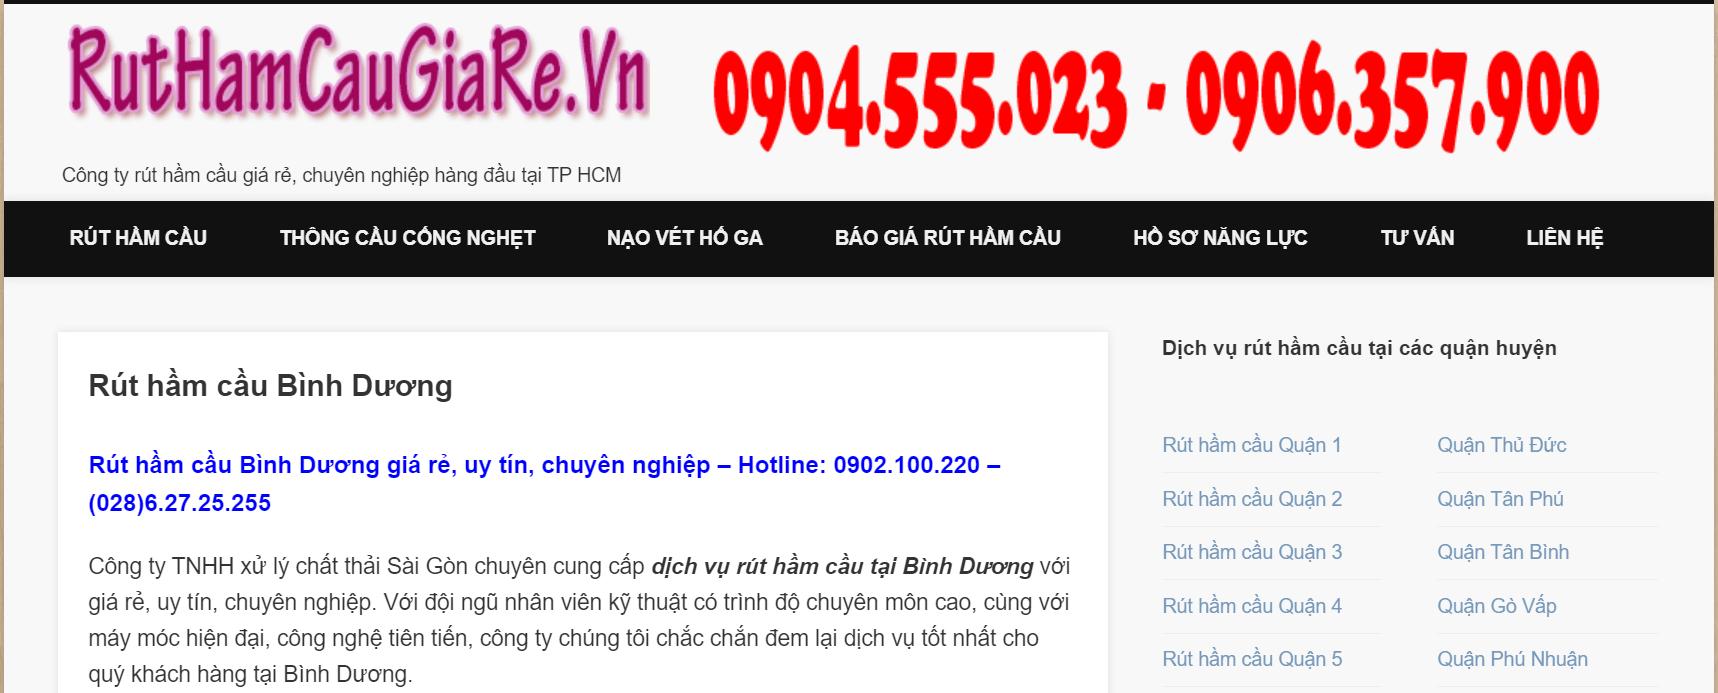 Xử Lý Chất Thải Sài Gòn